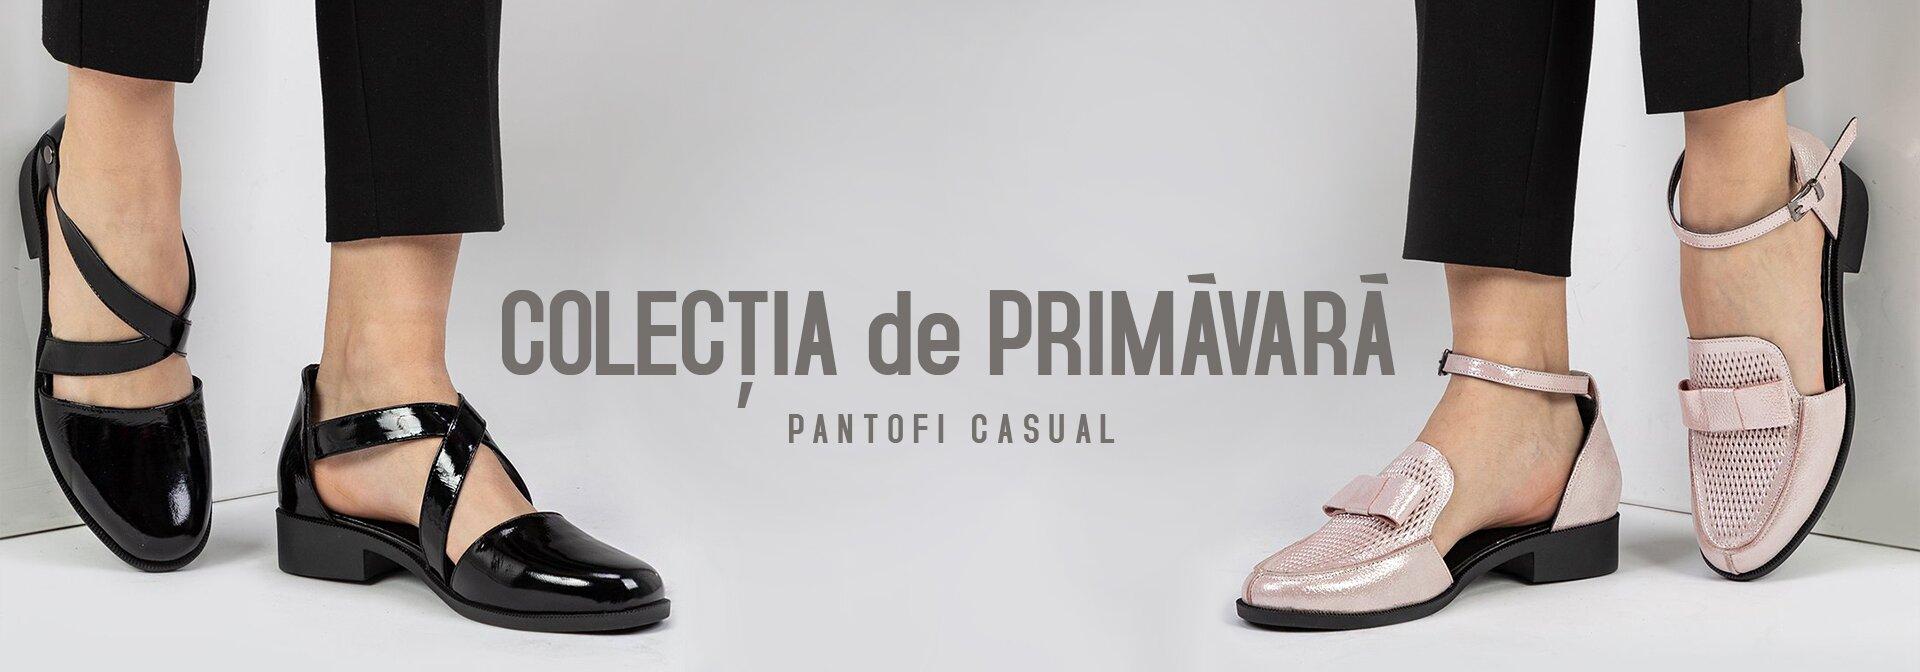 Colectia de Primavara